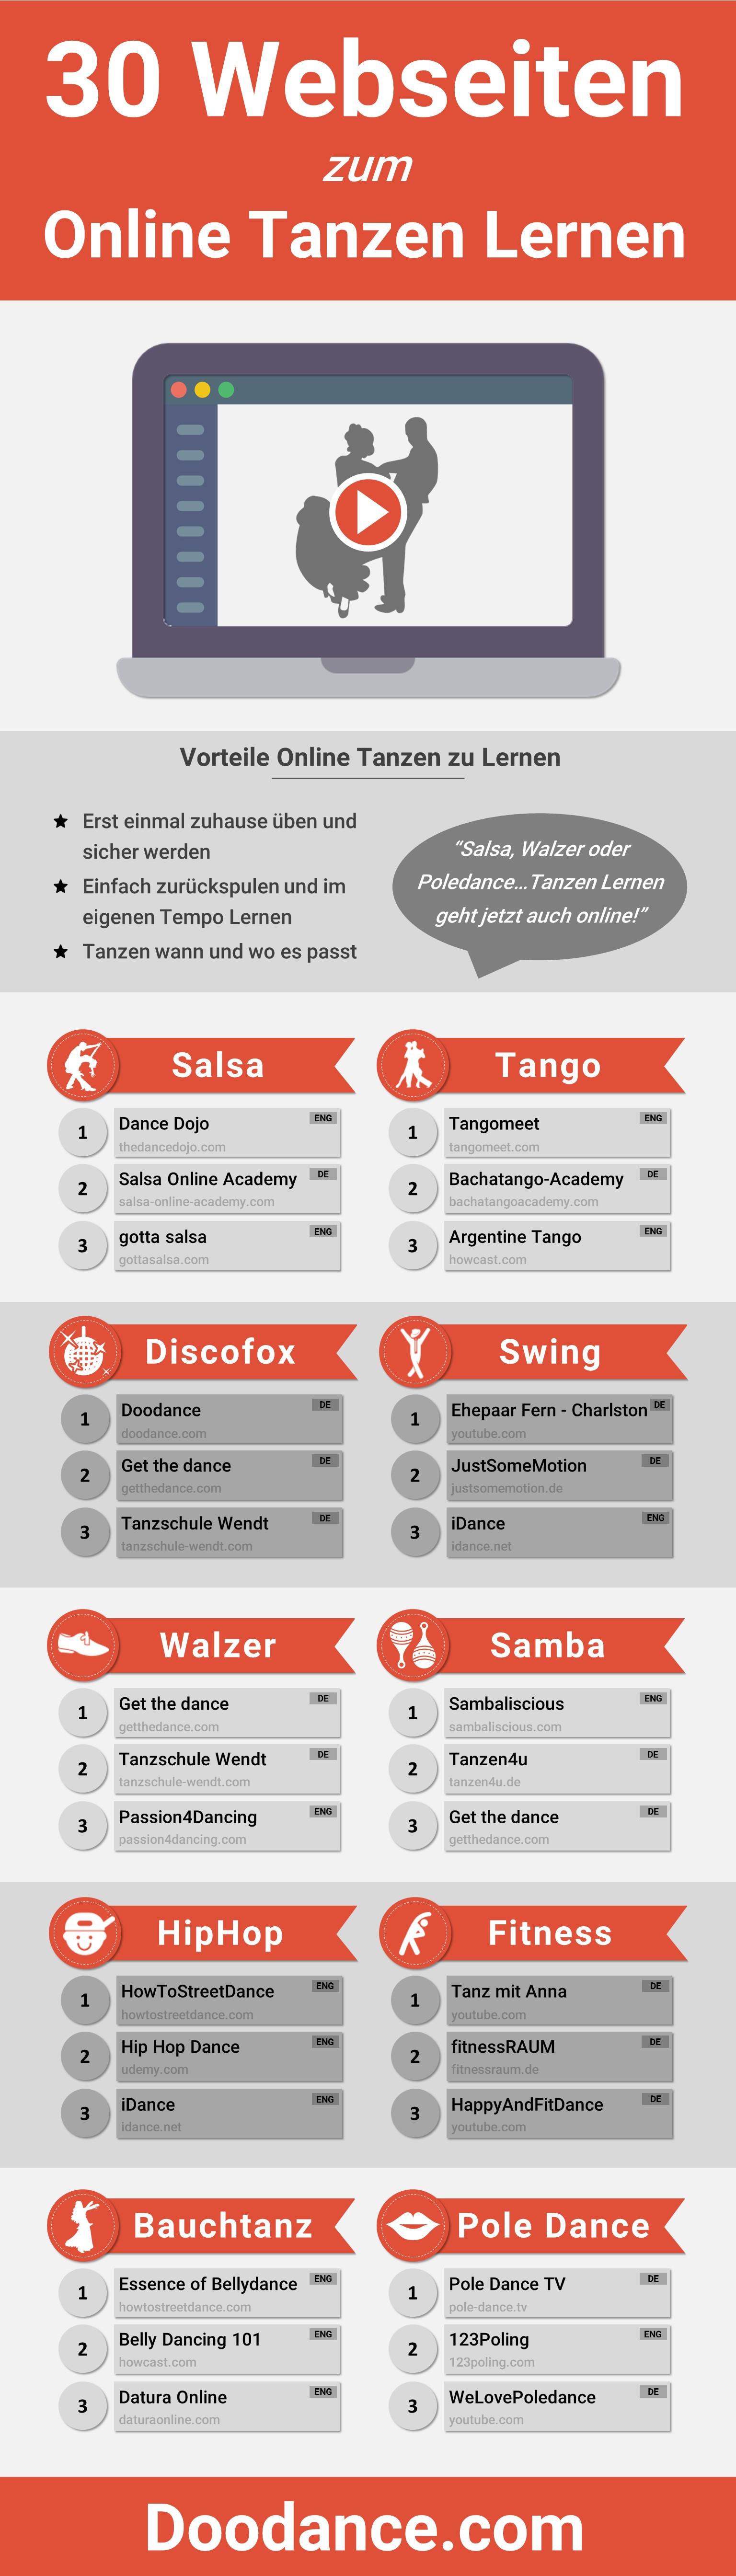 30 Webseiten zum Online Tanzen Lernen